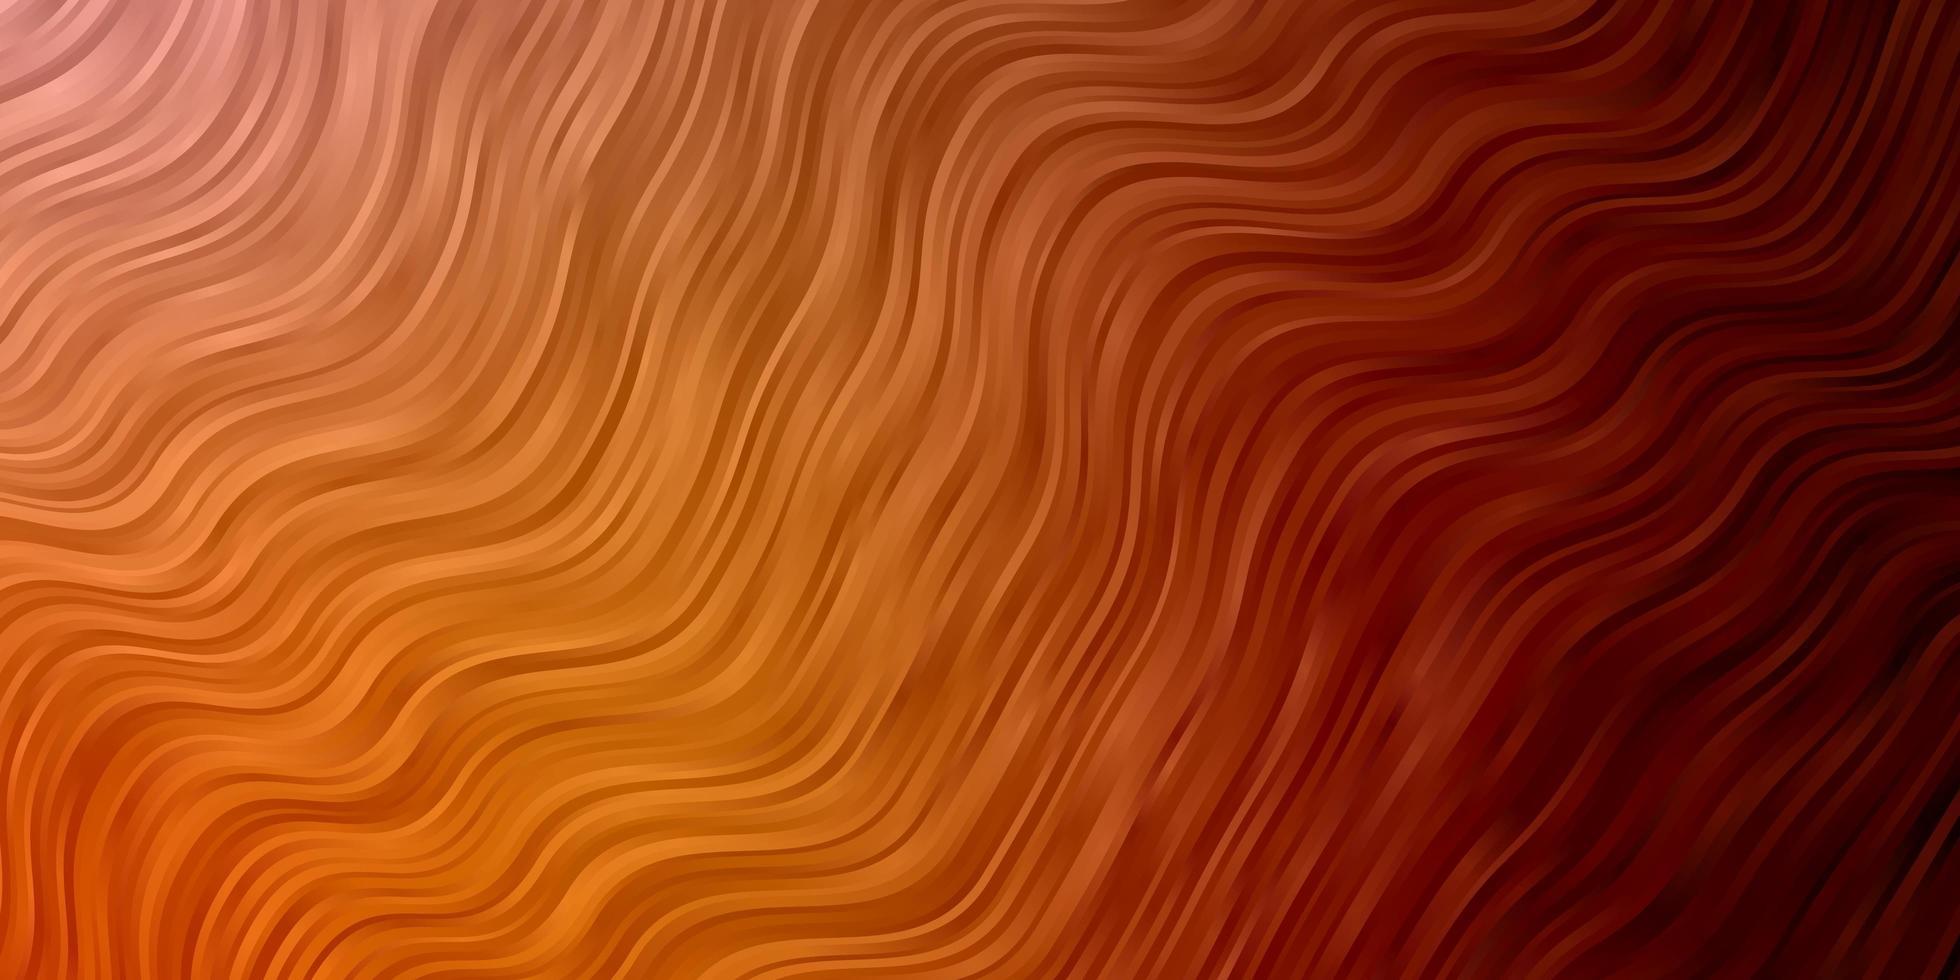 ljus orange vektor konsistens med cirkulär båge.